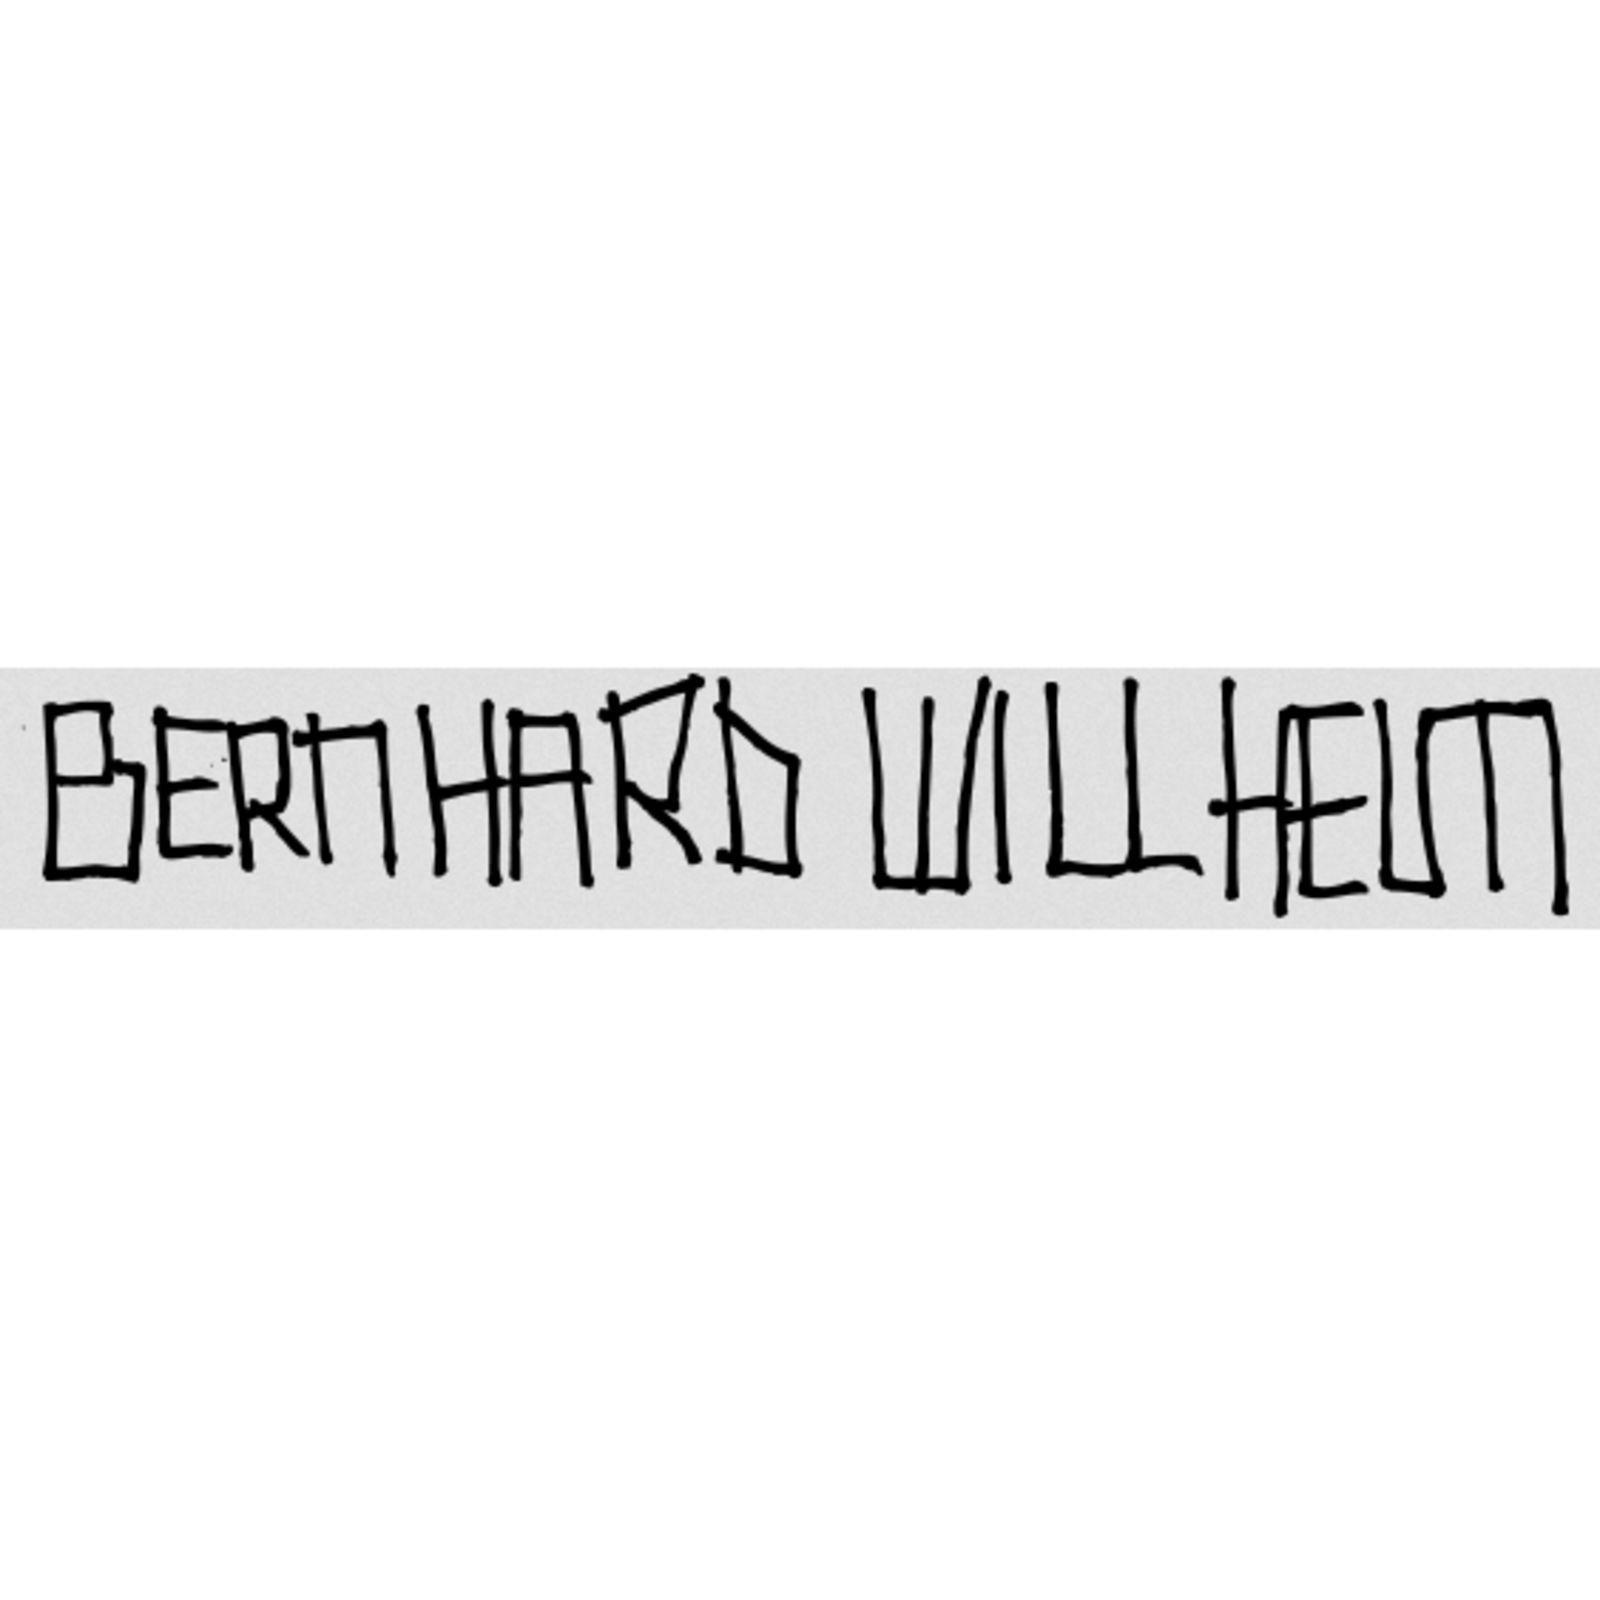 BERNHARD WILHELM